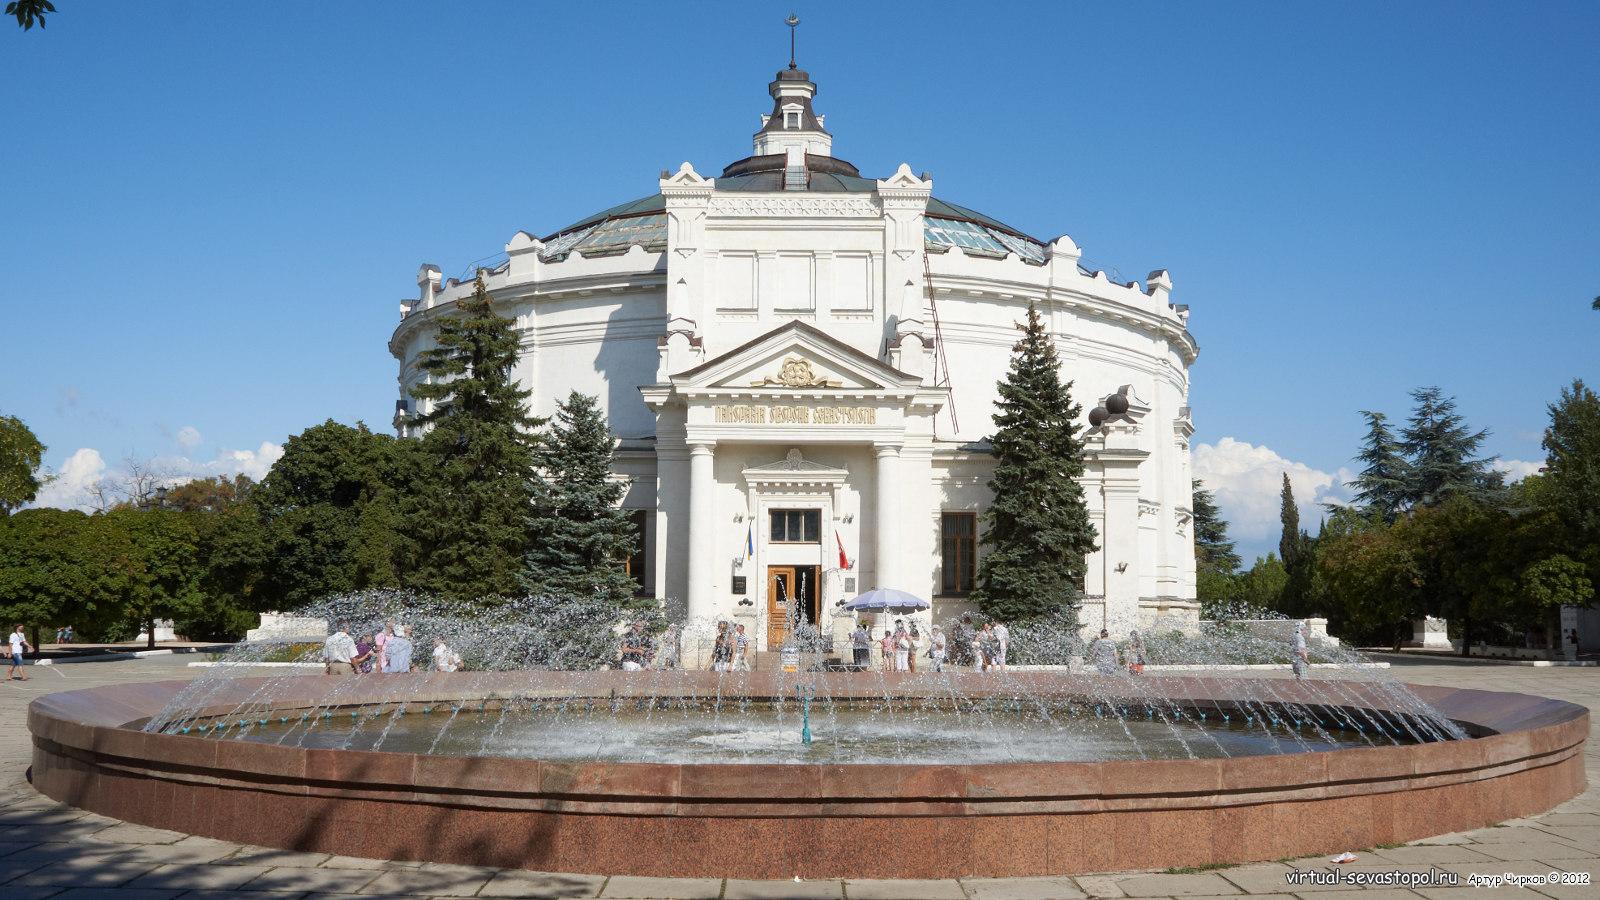 23 февраля в Крыму: 5 военных достопримечательностей Севастополя